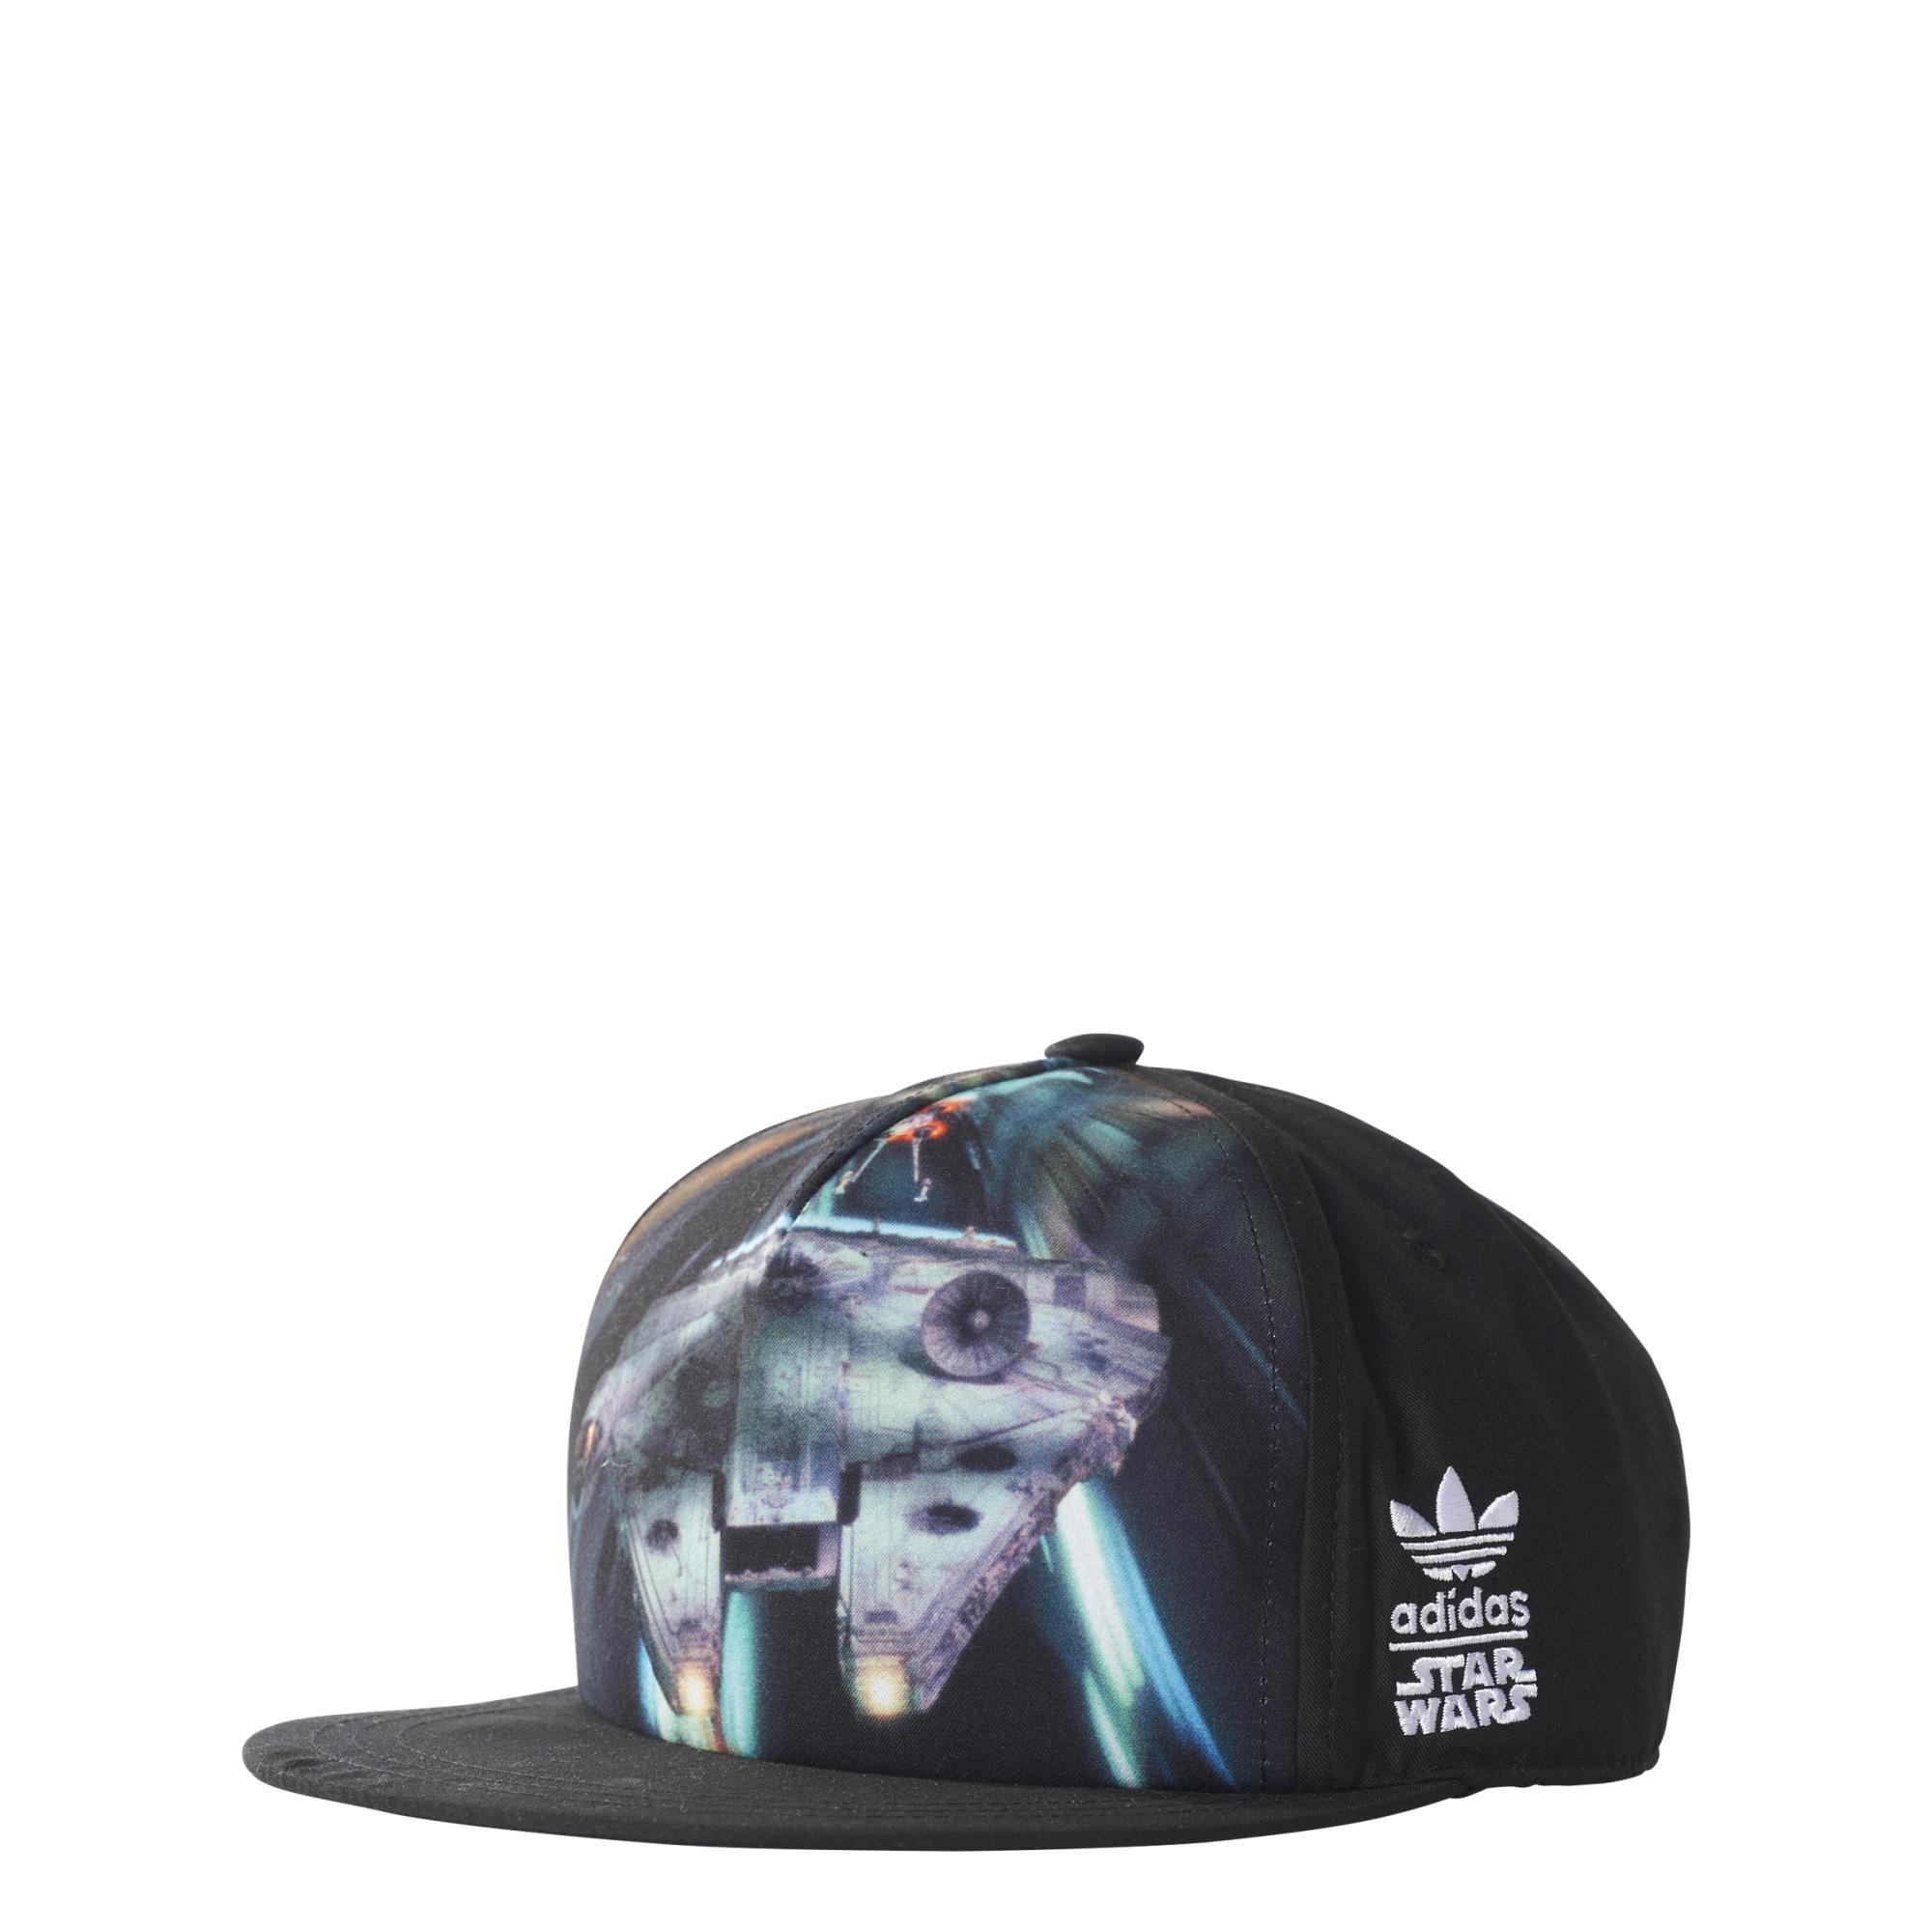 Adidas Originals Junior Gorra Star Wars Millennium Falcon (negro) ad600a93b4d